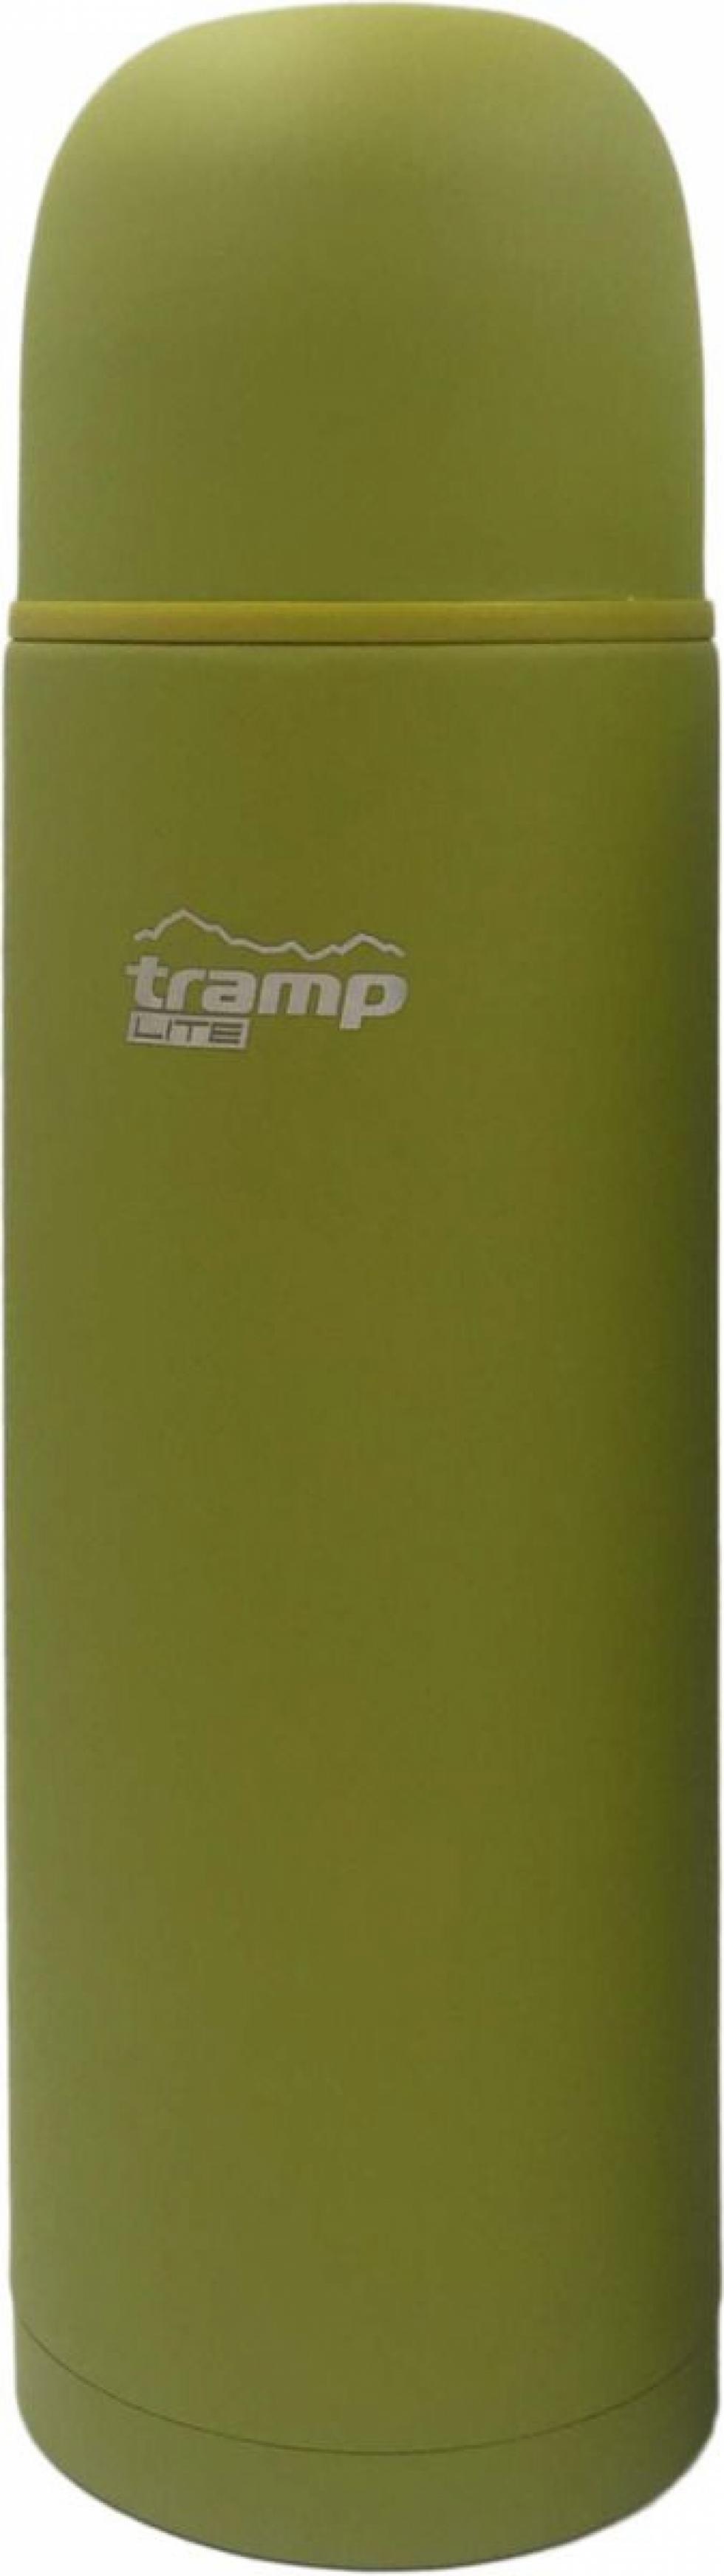 Термос Tramp Lite Bivouac, цвет: оливковый, 1,2 л.